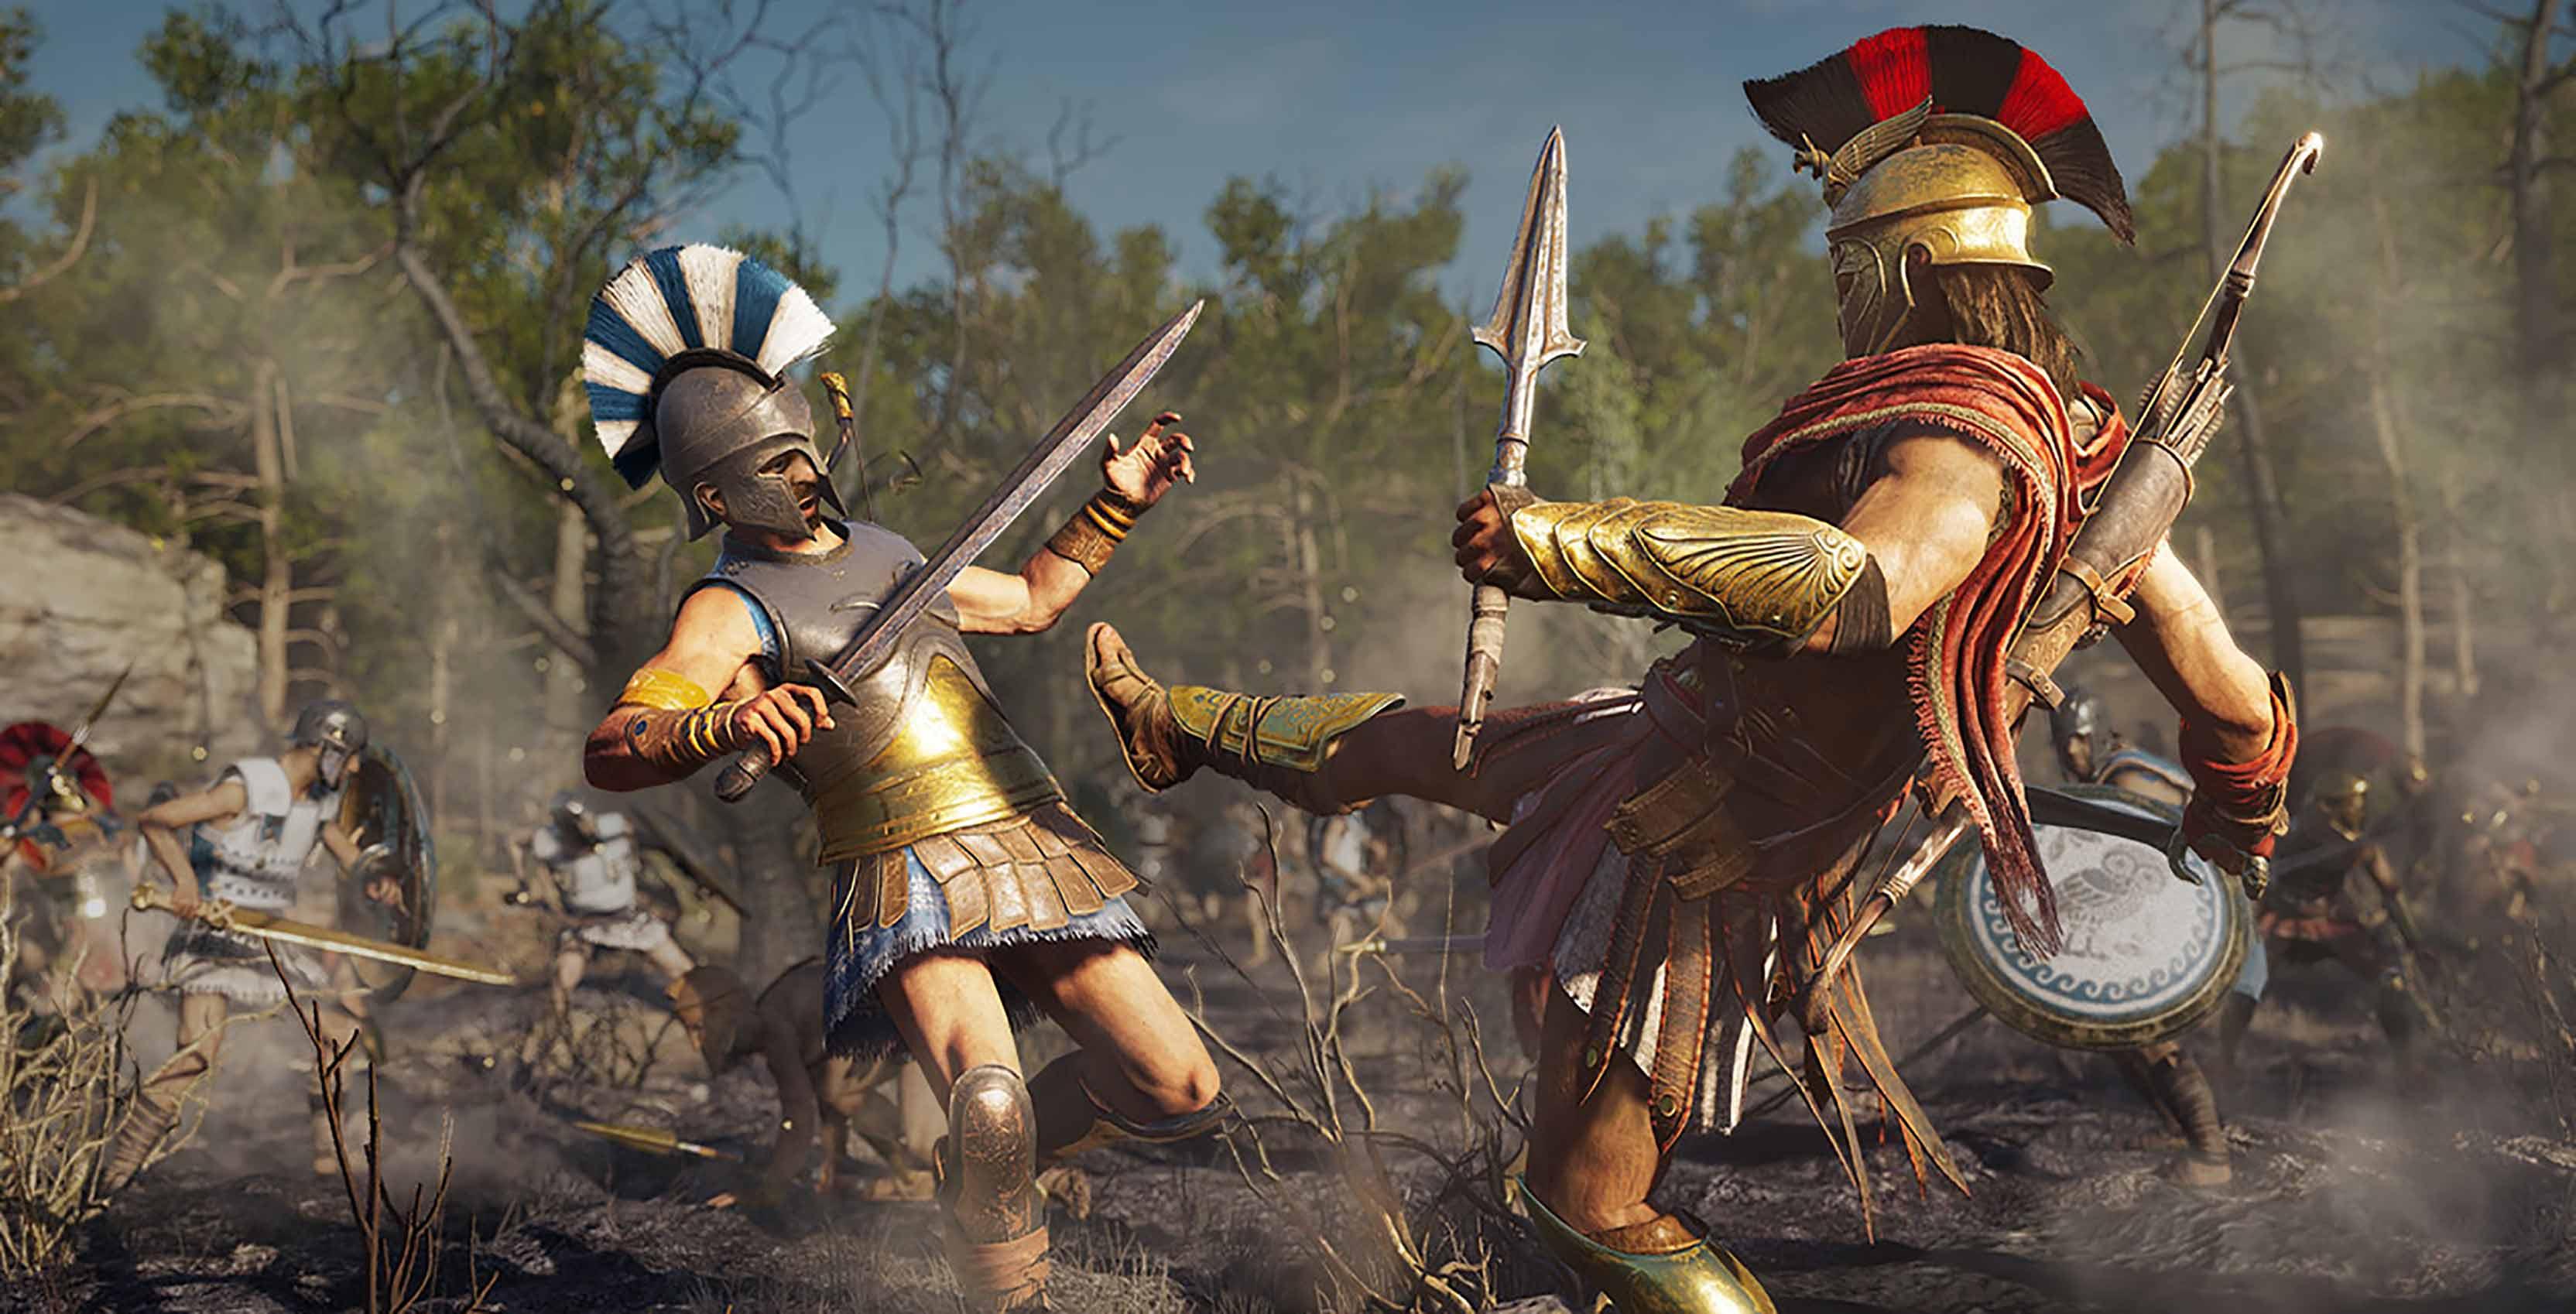 Ancient Greece AC Odyssey